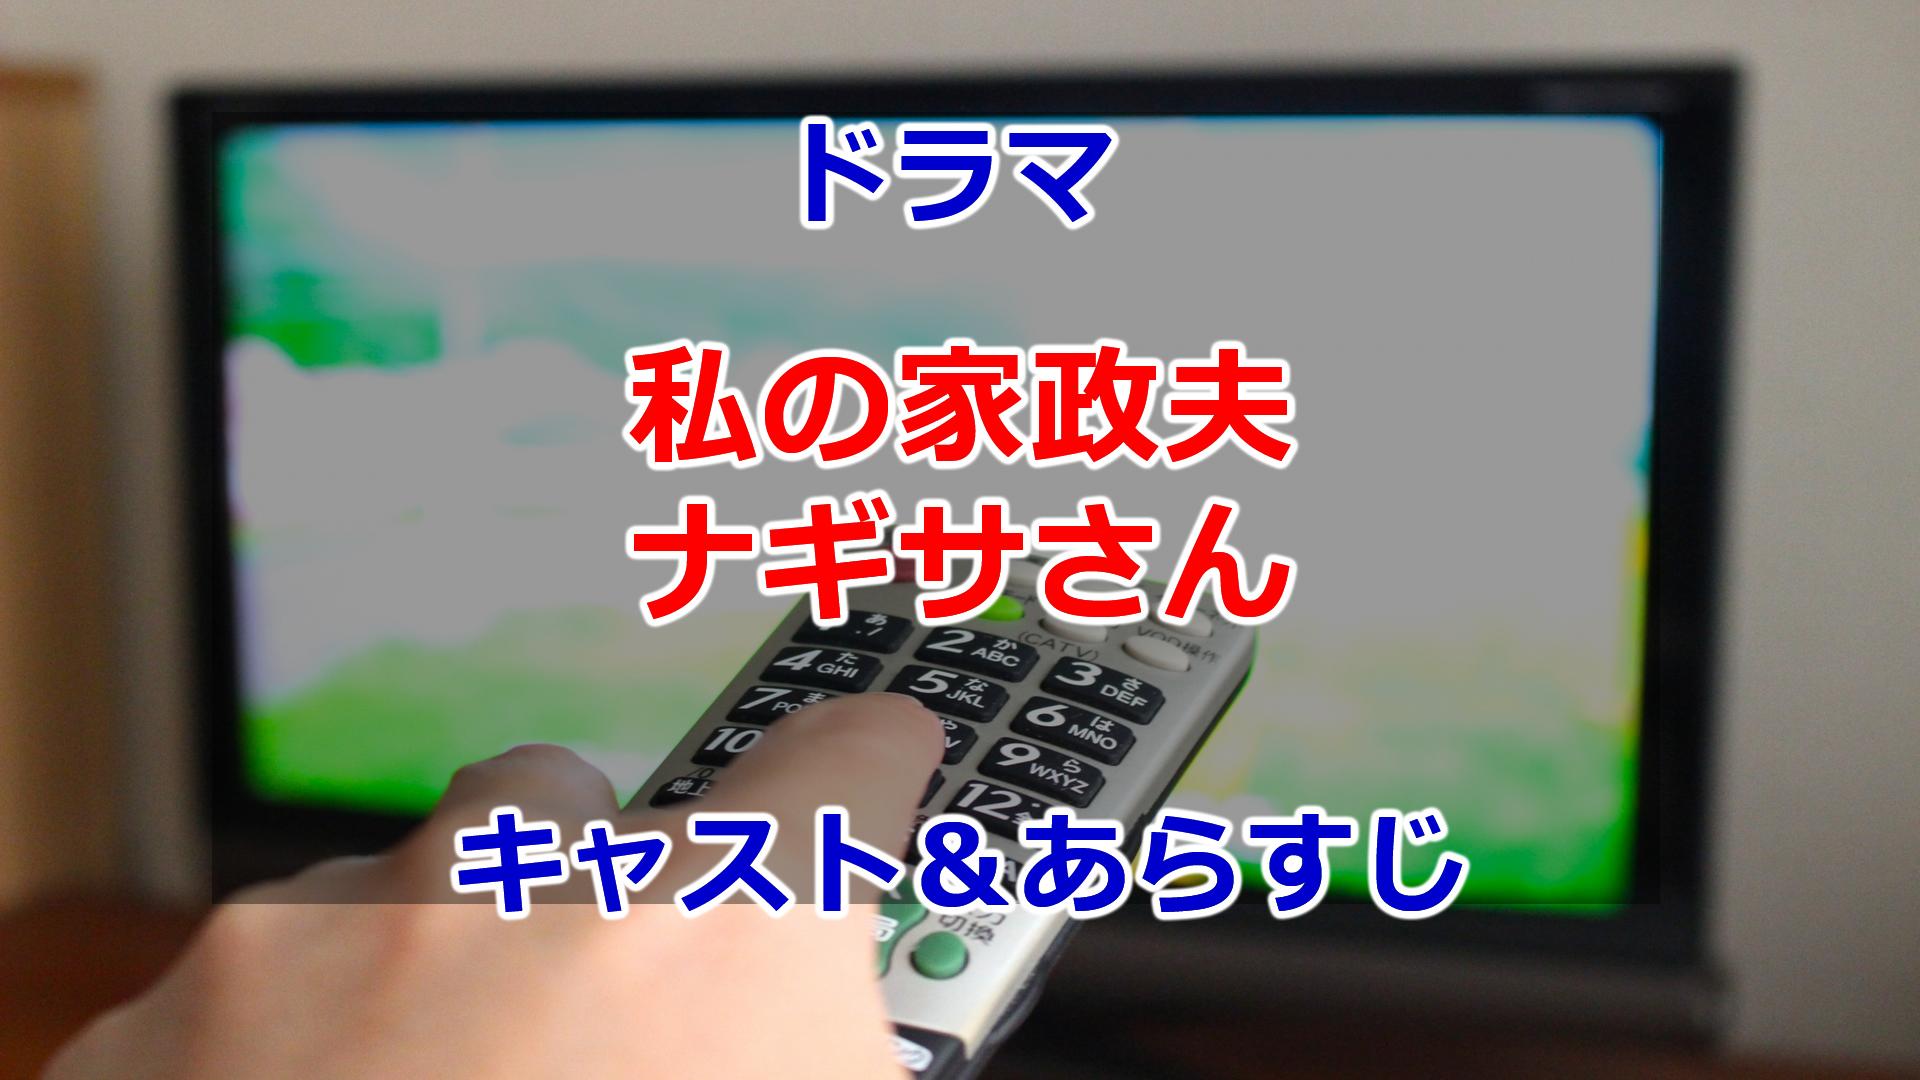 2020春ドラマ私の家政夫ナギサさんキャスト&あらすじ